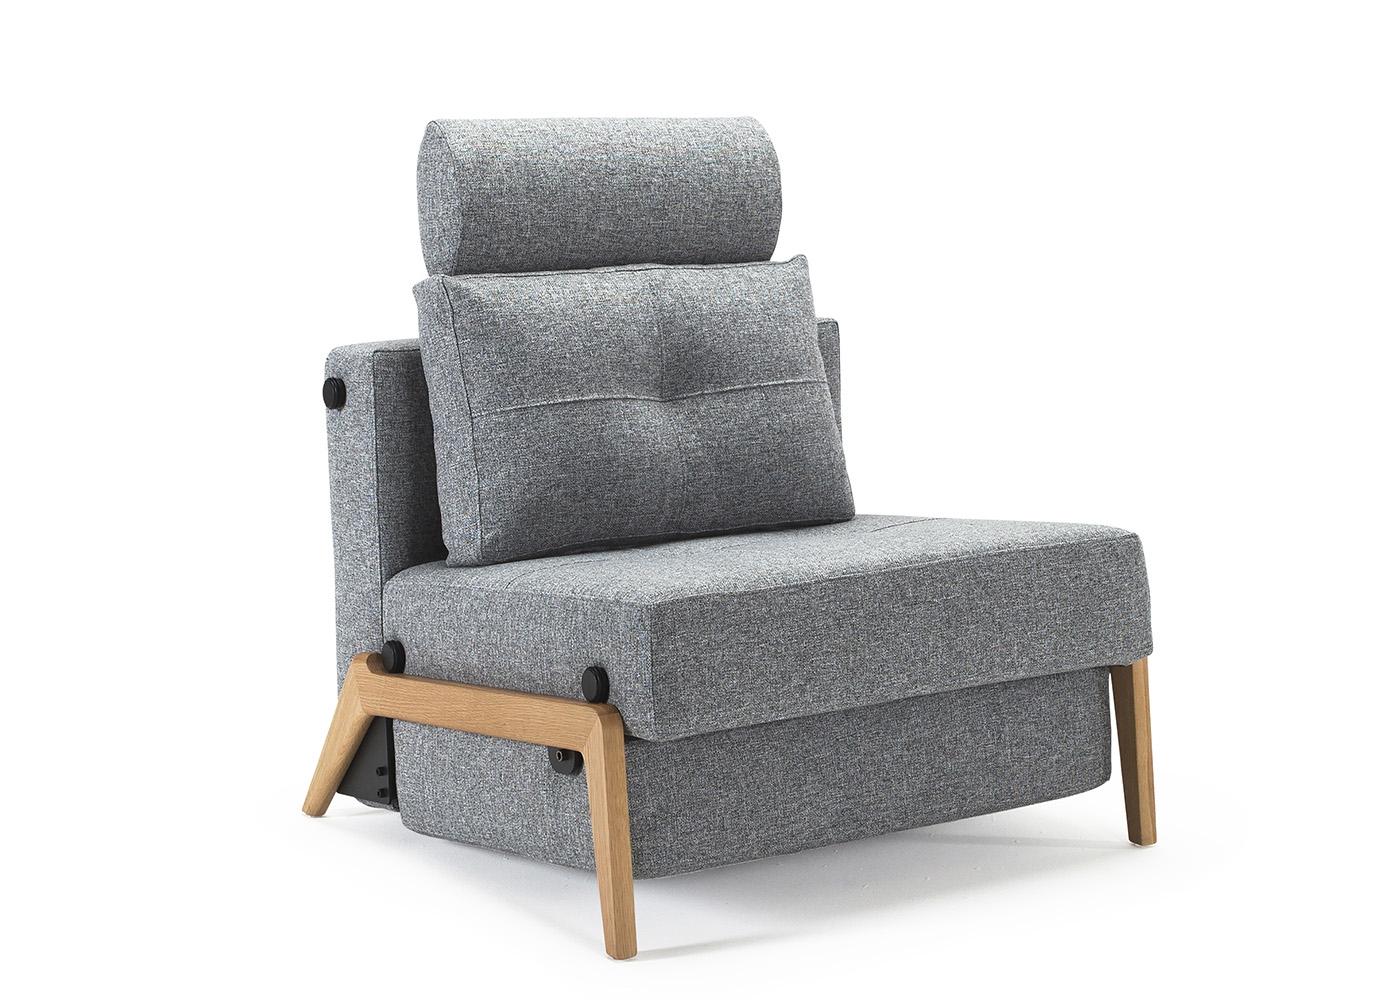 fauteuil lit spécial étudiants petits espaces chez ksl living